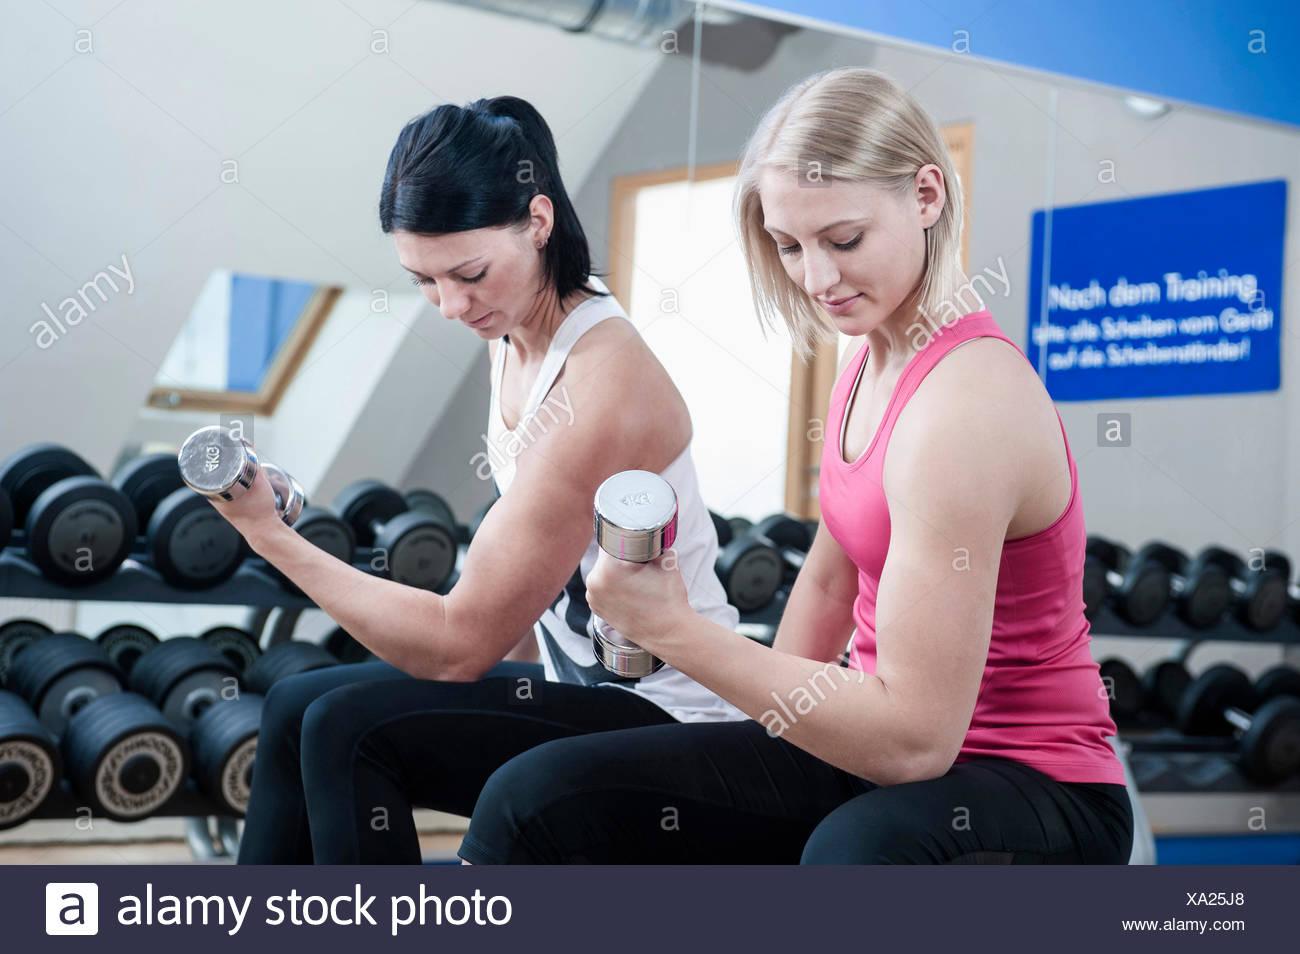 Dos mujeres en el gimnasio haciendo pesas Imagen De Stock